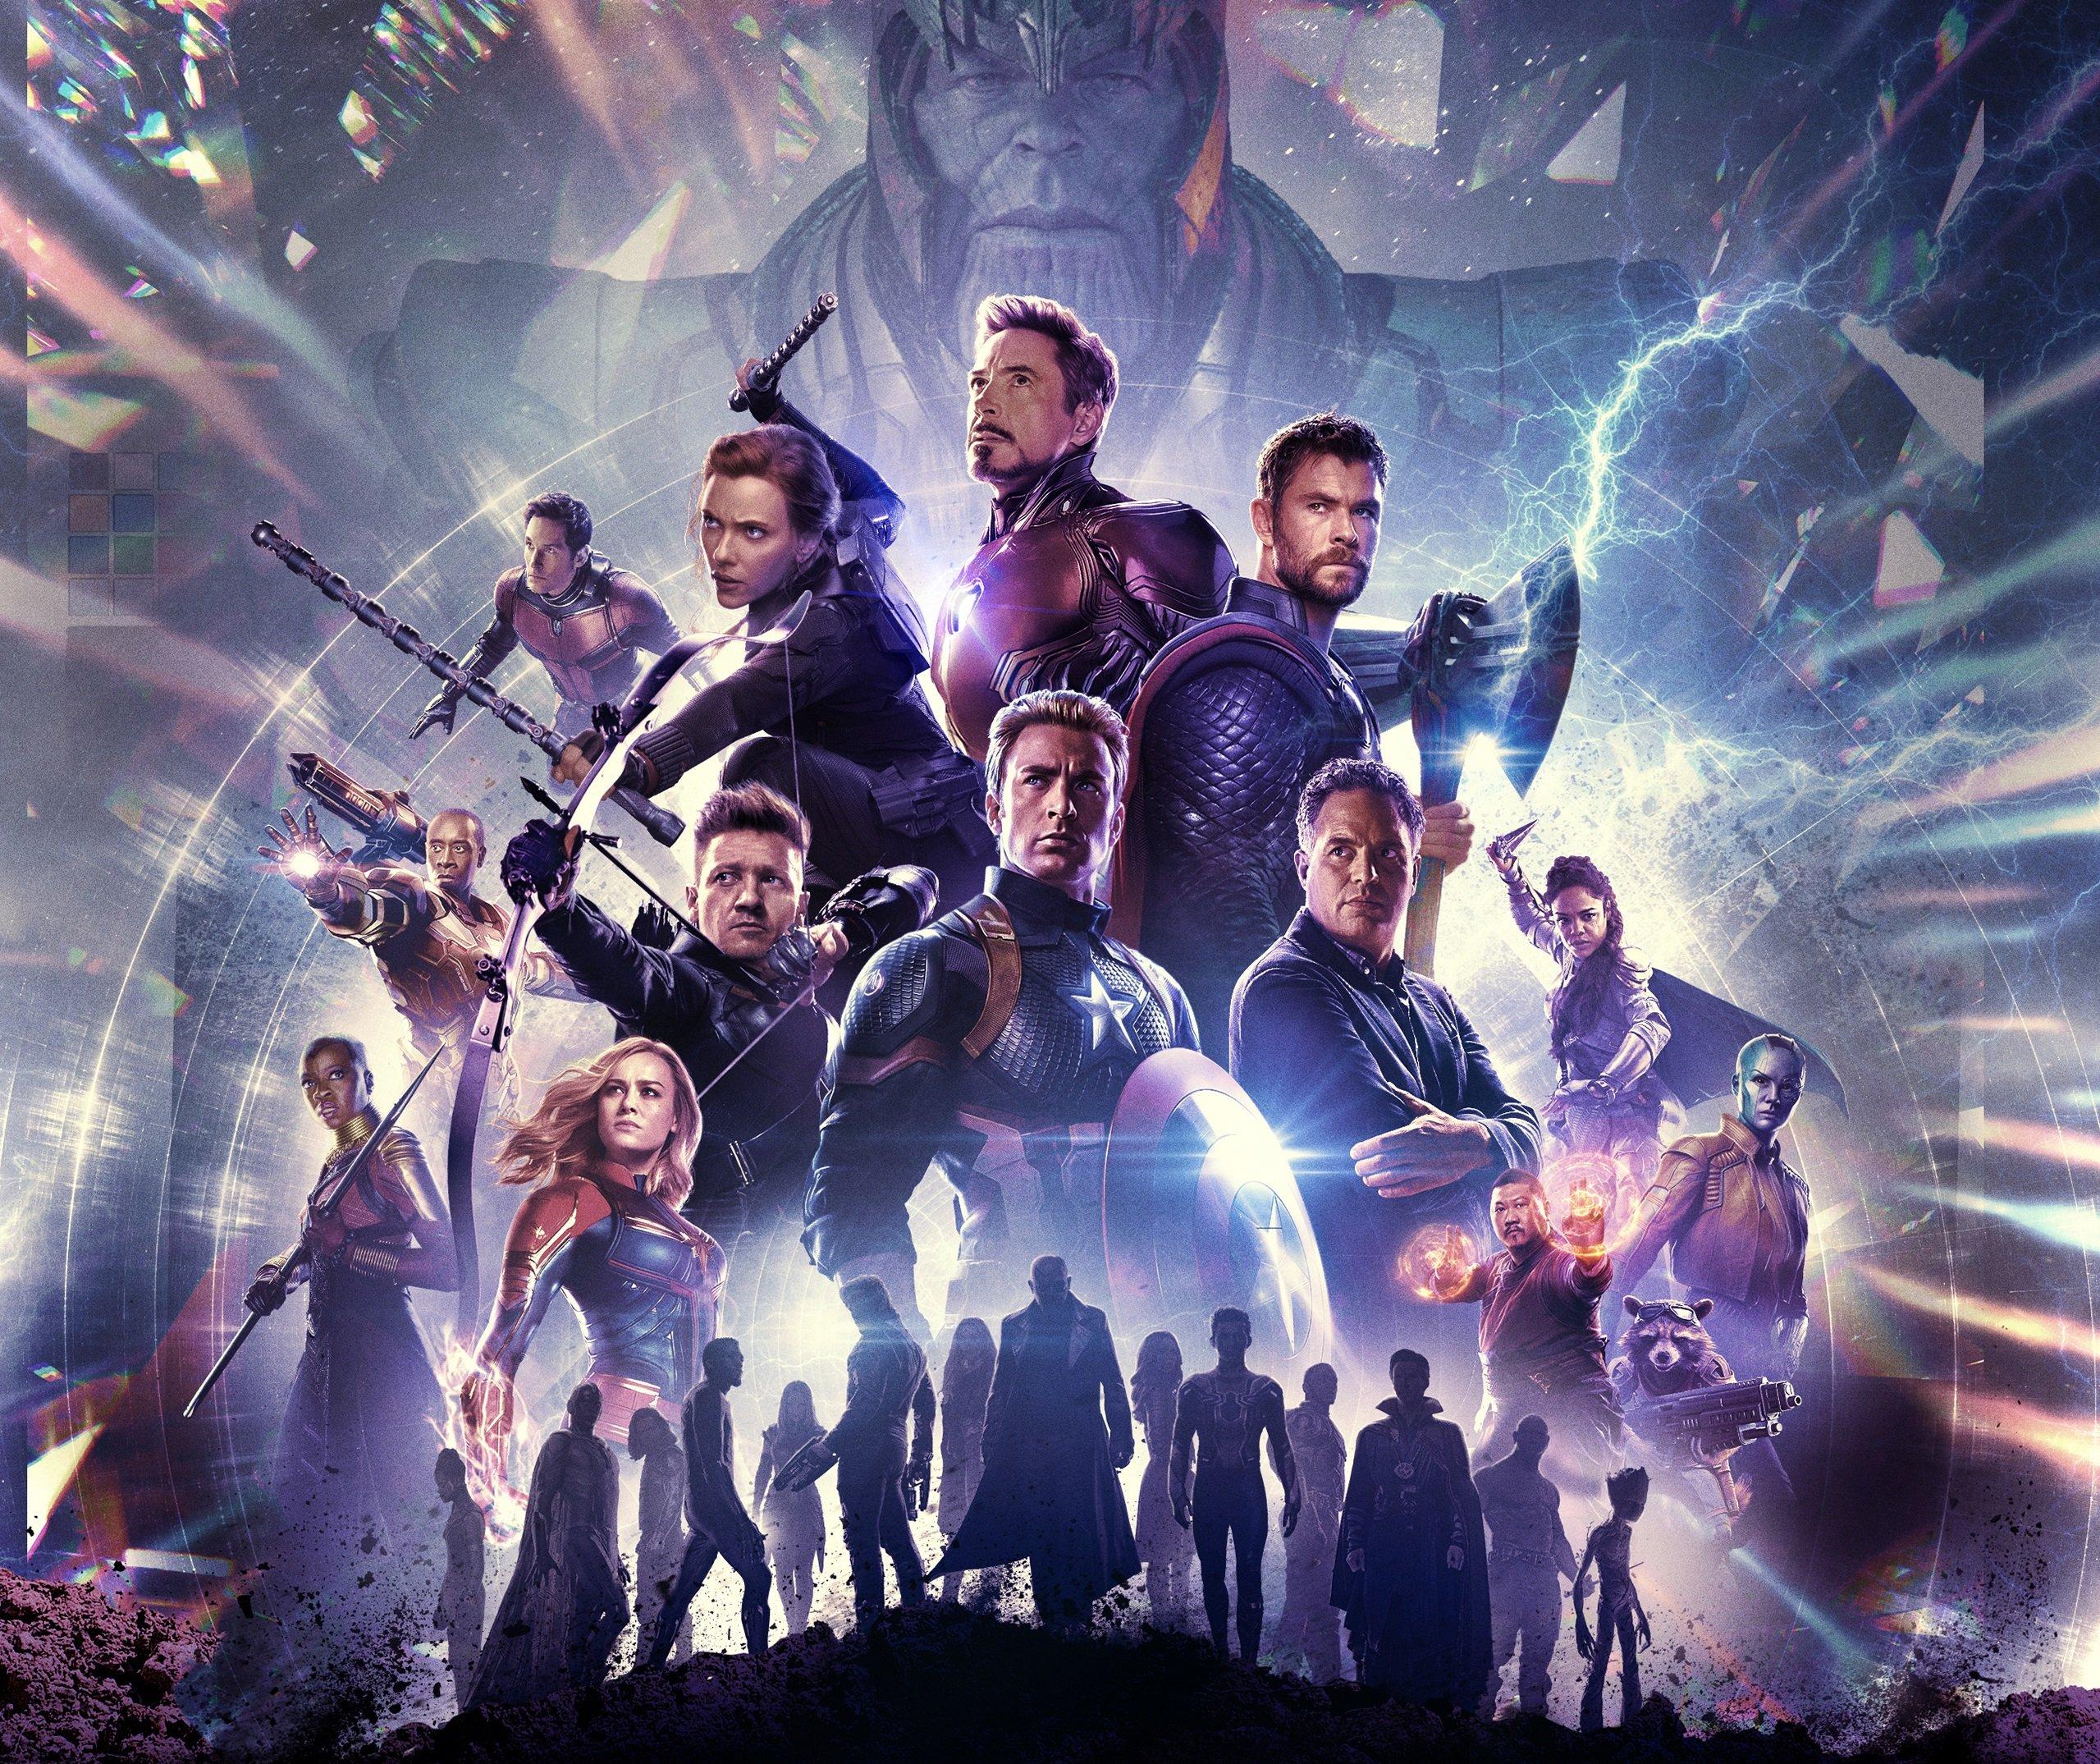 Wallpaper Marvel Universe Avengers Endgame